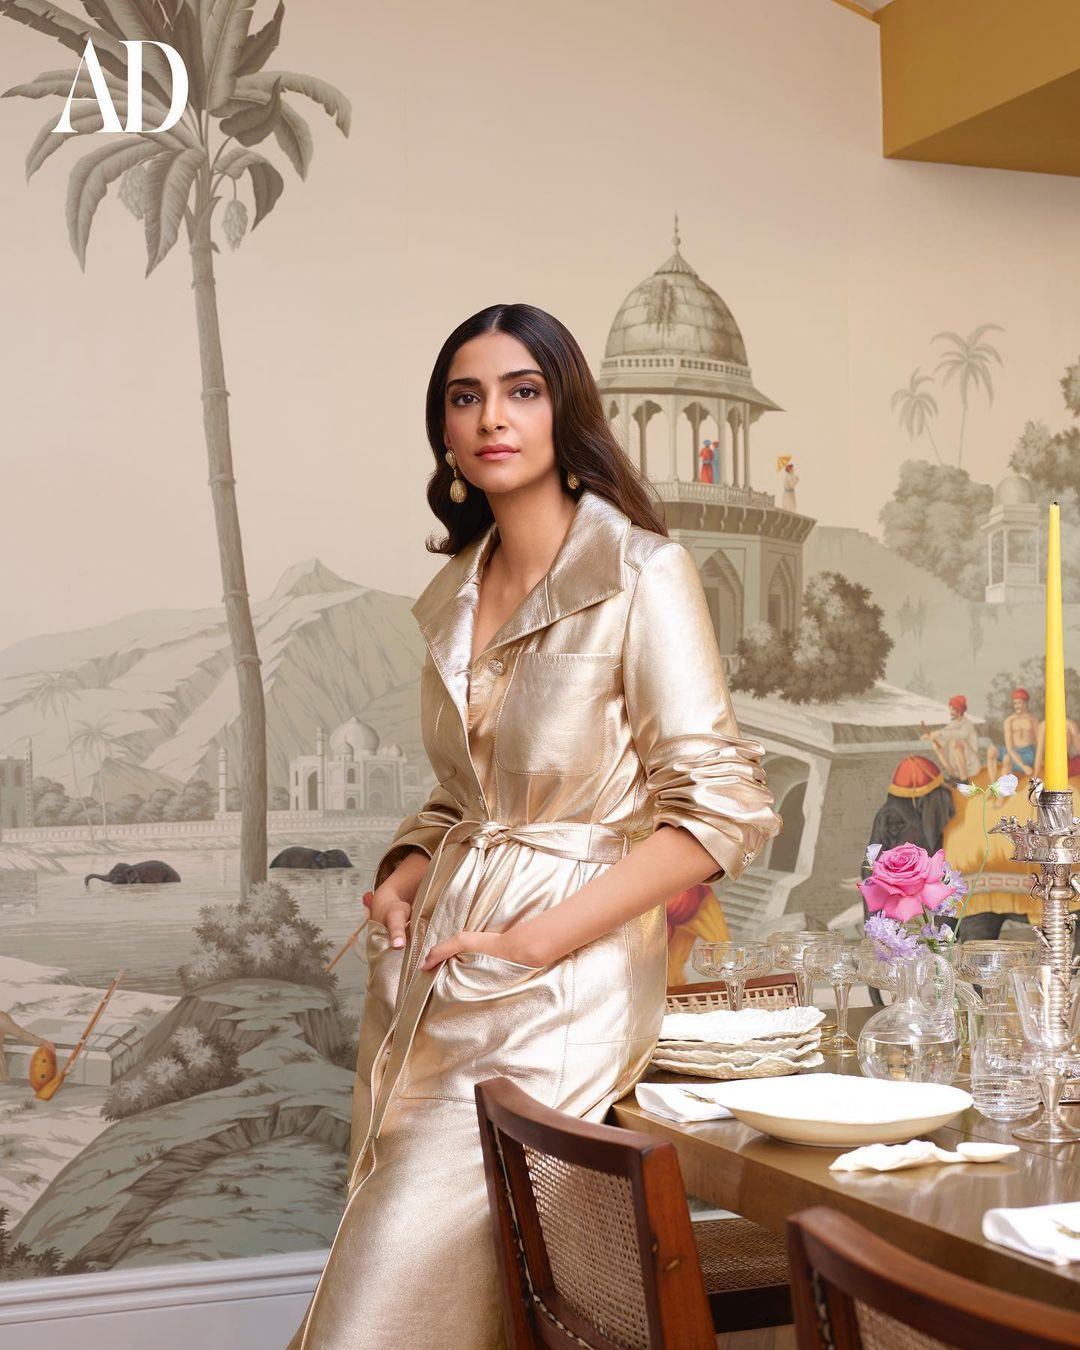 Sonam Kapoor In Her Landon House